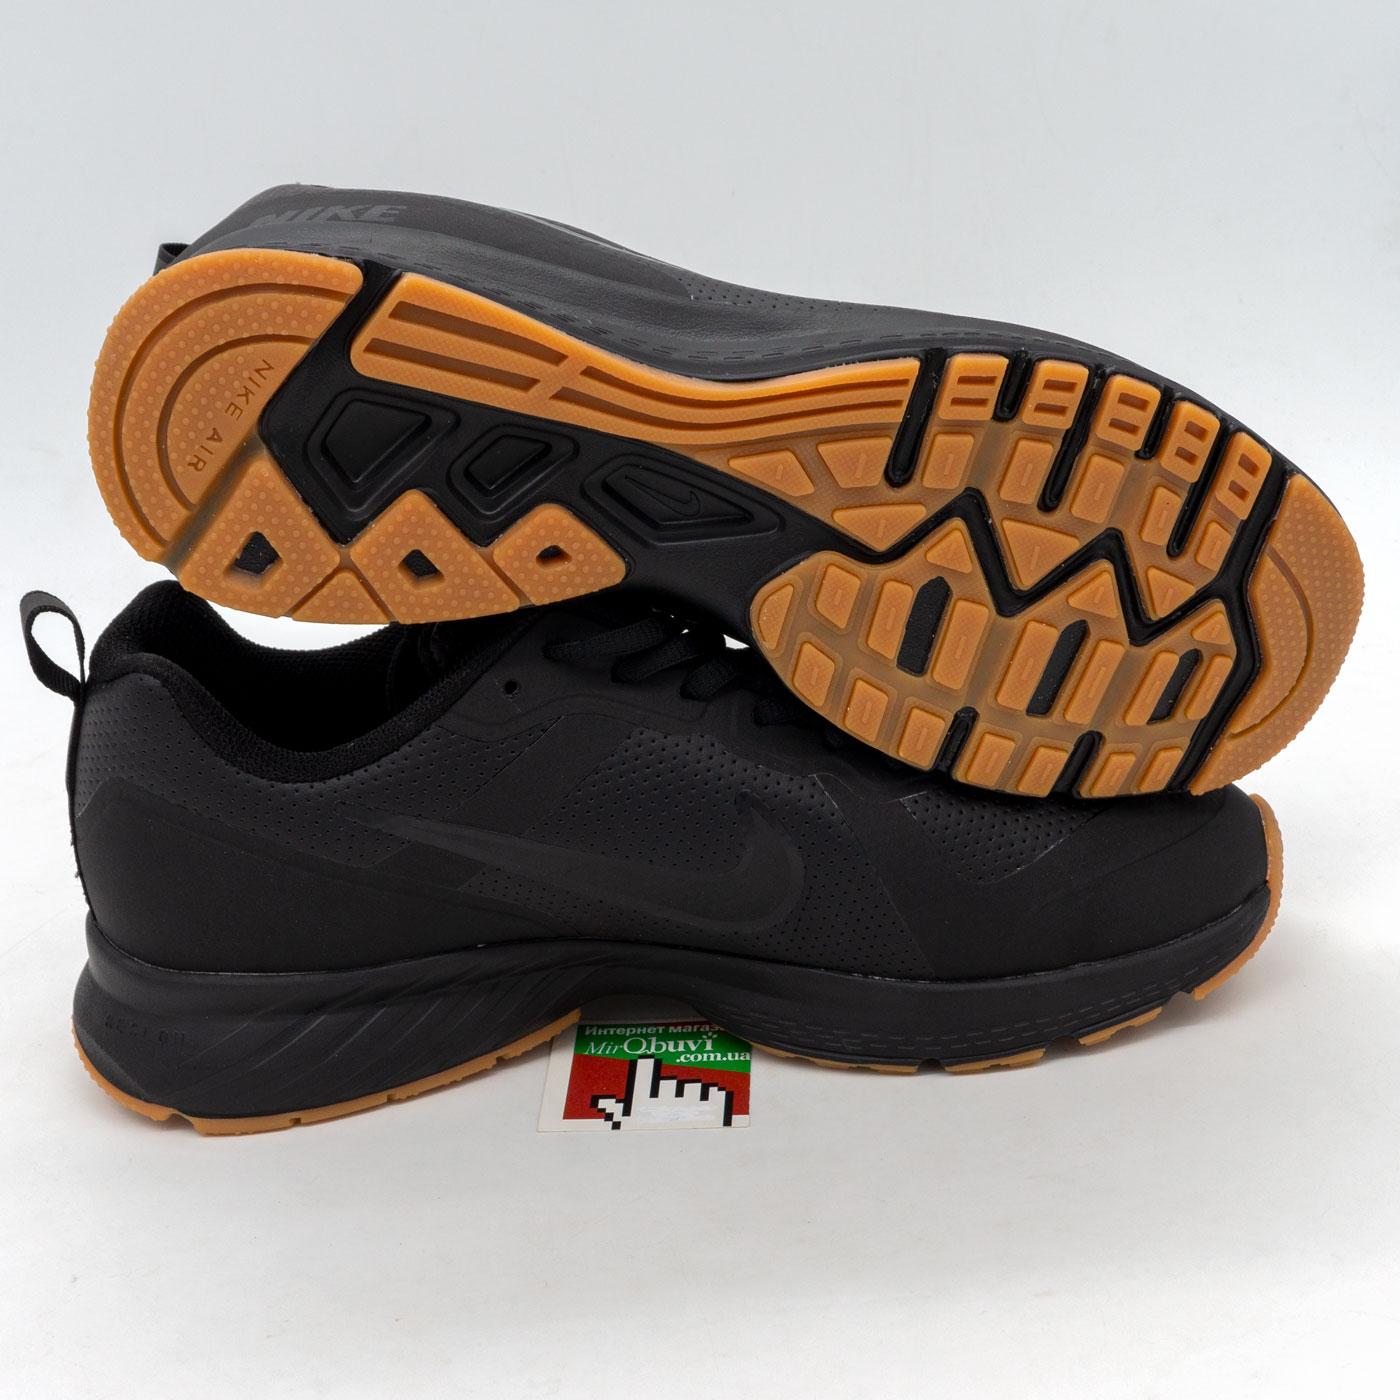 фото back Мужские осенние черные кроссовки Nike Air Relentless 7 MSL - Топ качество! back